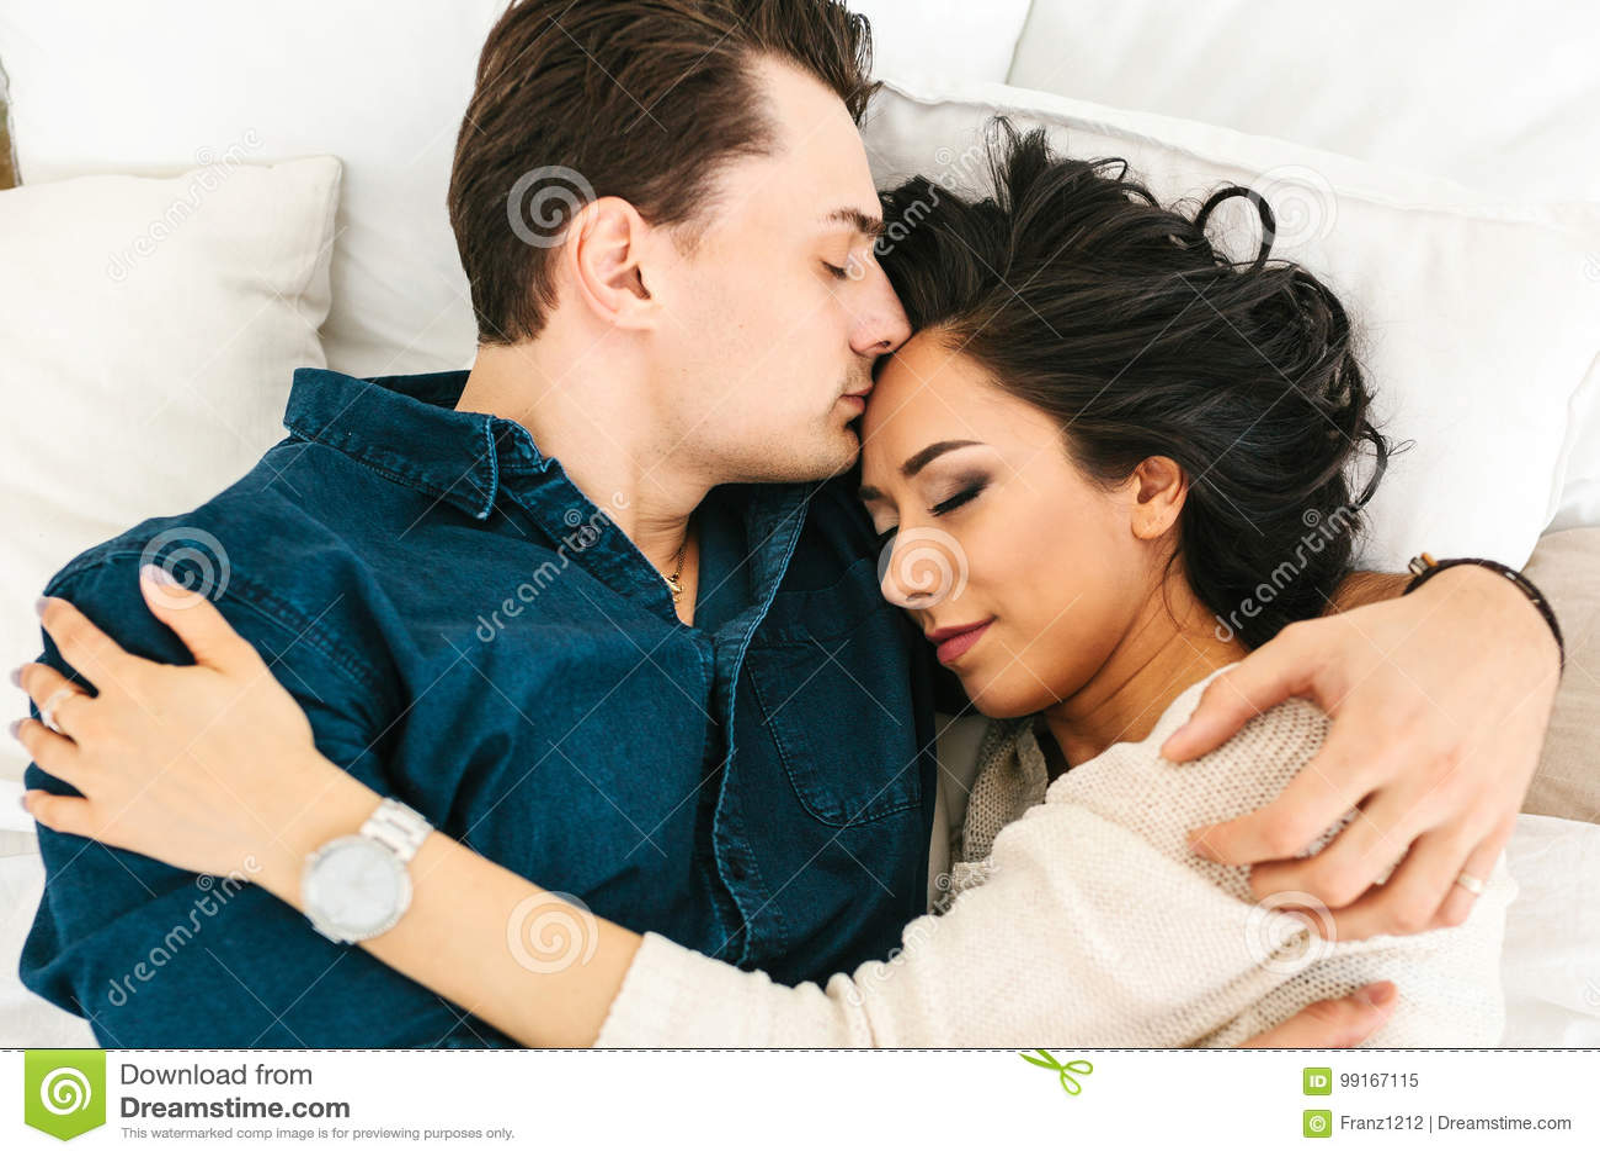 Amour entre jeunes hommes [PUNIQRANDLINE-(au-dating-names.txt) 44